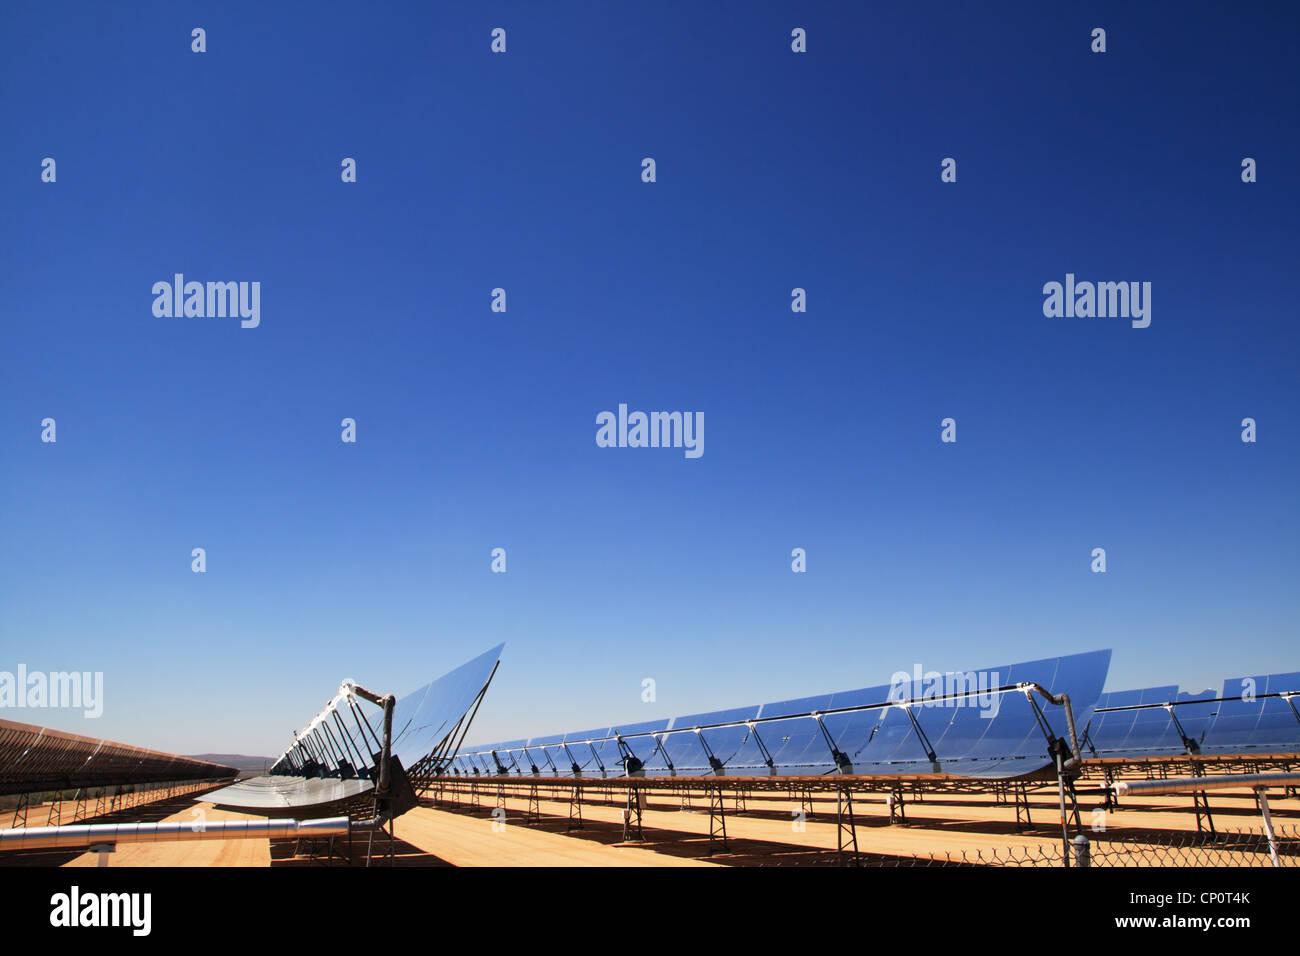 Solare termica a concentrazione di energia elettrica specchi vegetali con blue sky copia spazio sopra Immagini Stock